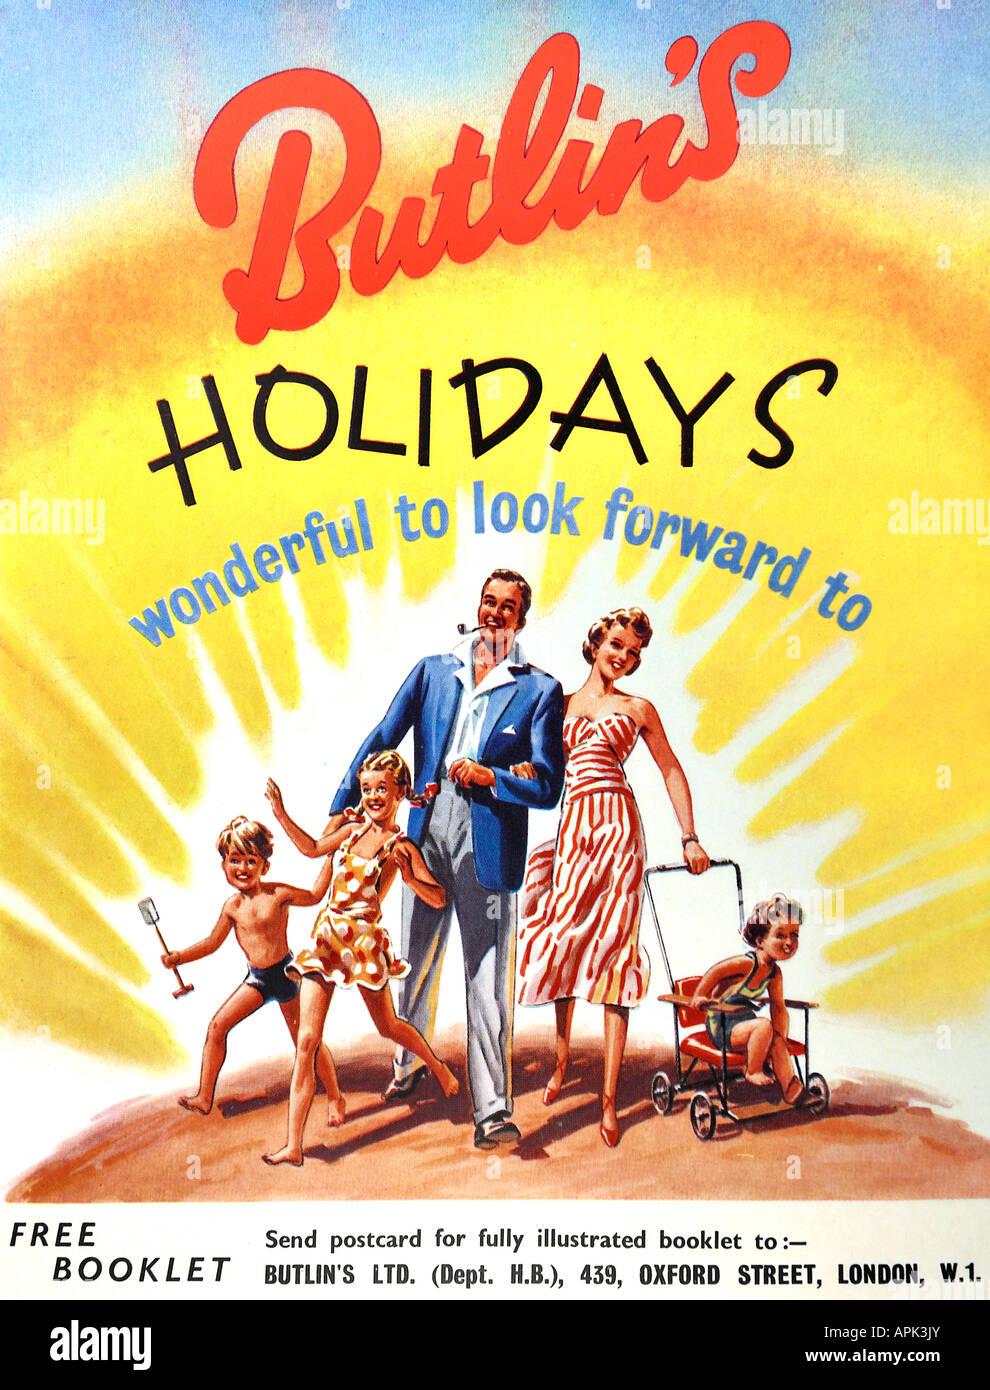 1950 Butlin's Holidays 1952 Publicité pour un usage éditorial uniquement Banque D'Images